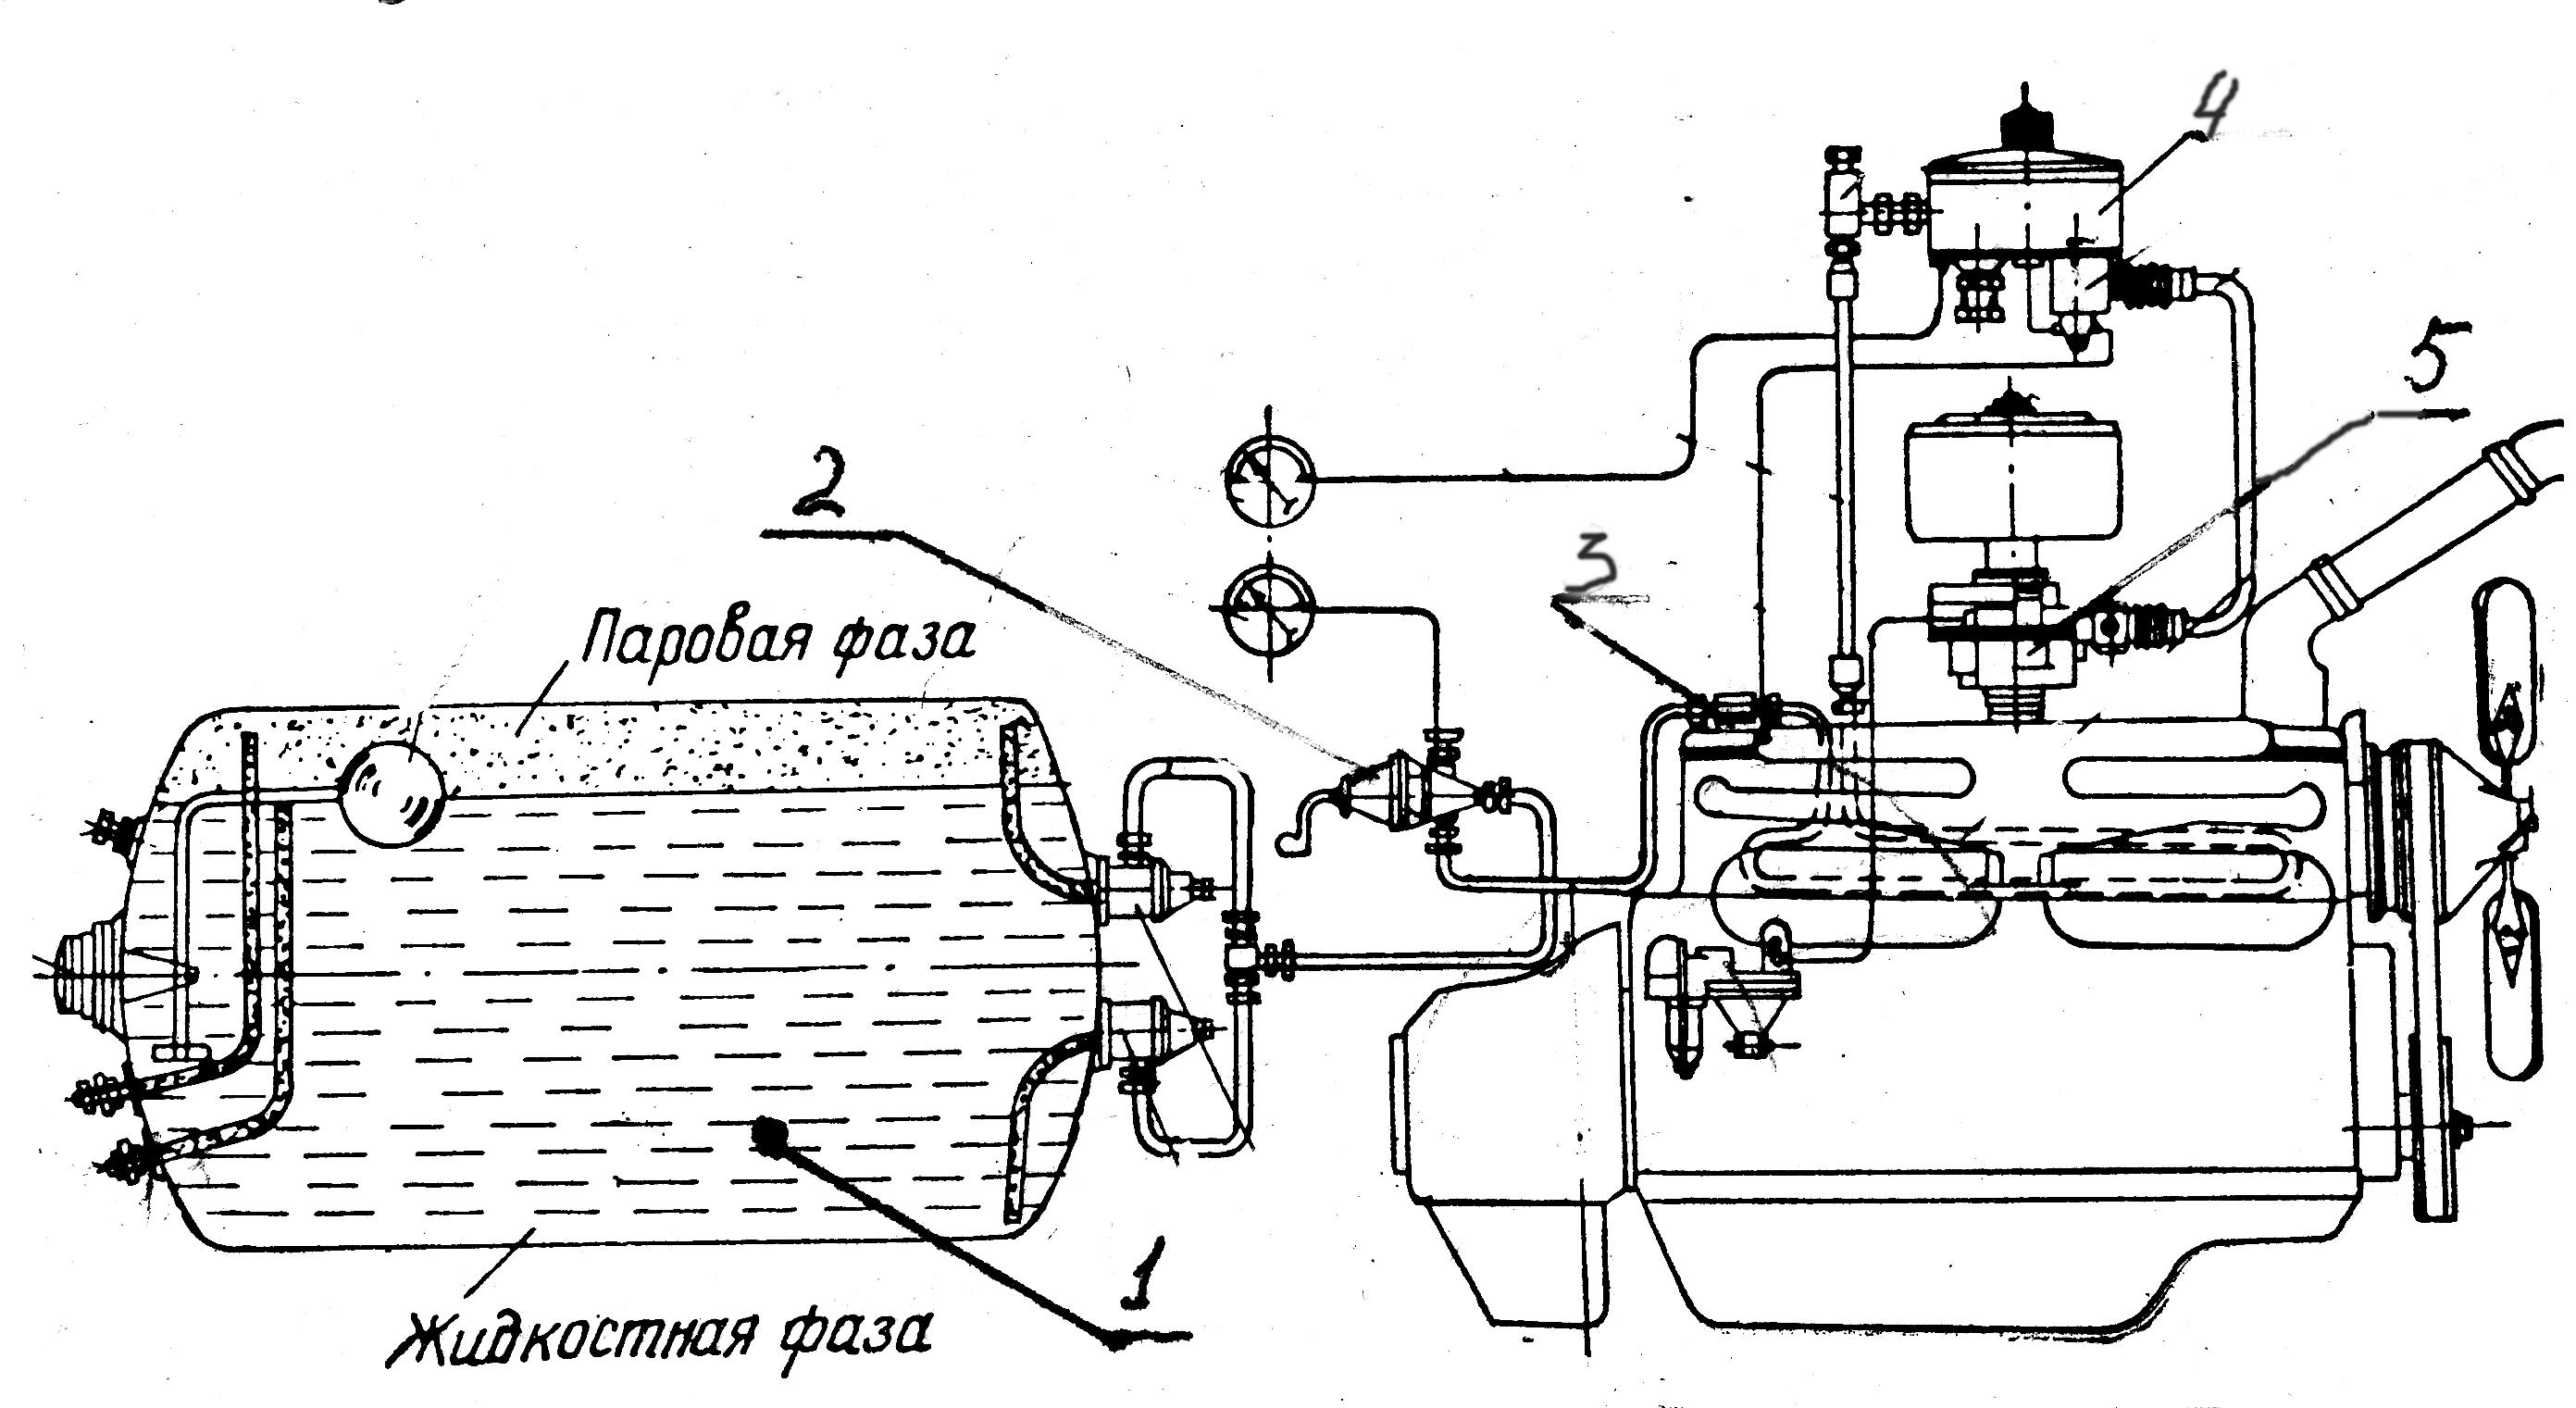 общее устройство глушителя на 405 двигателе газ схема